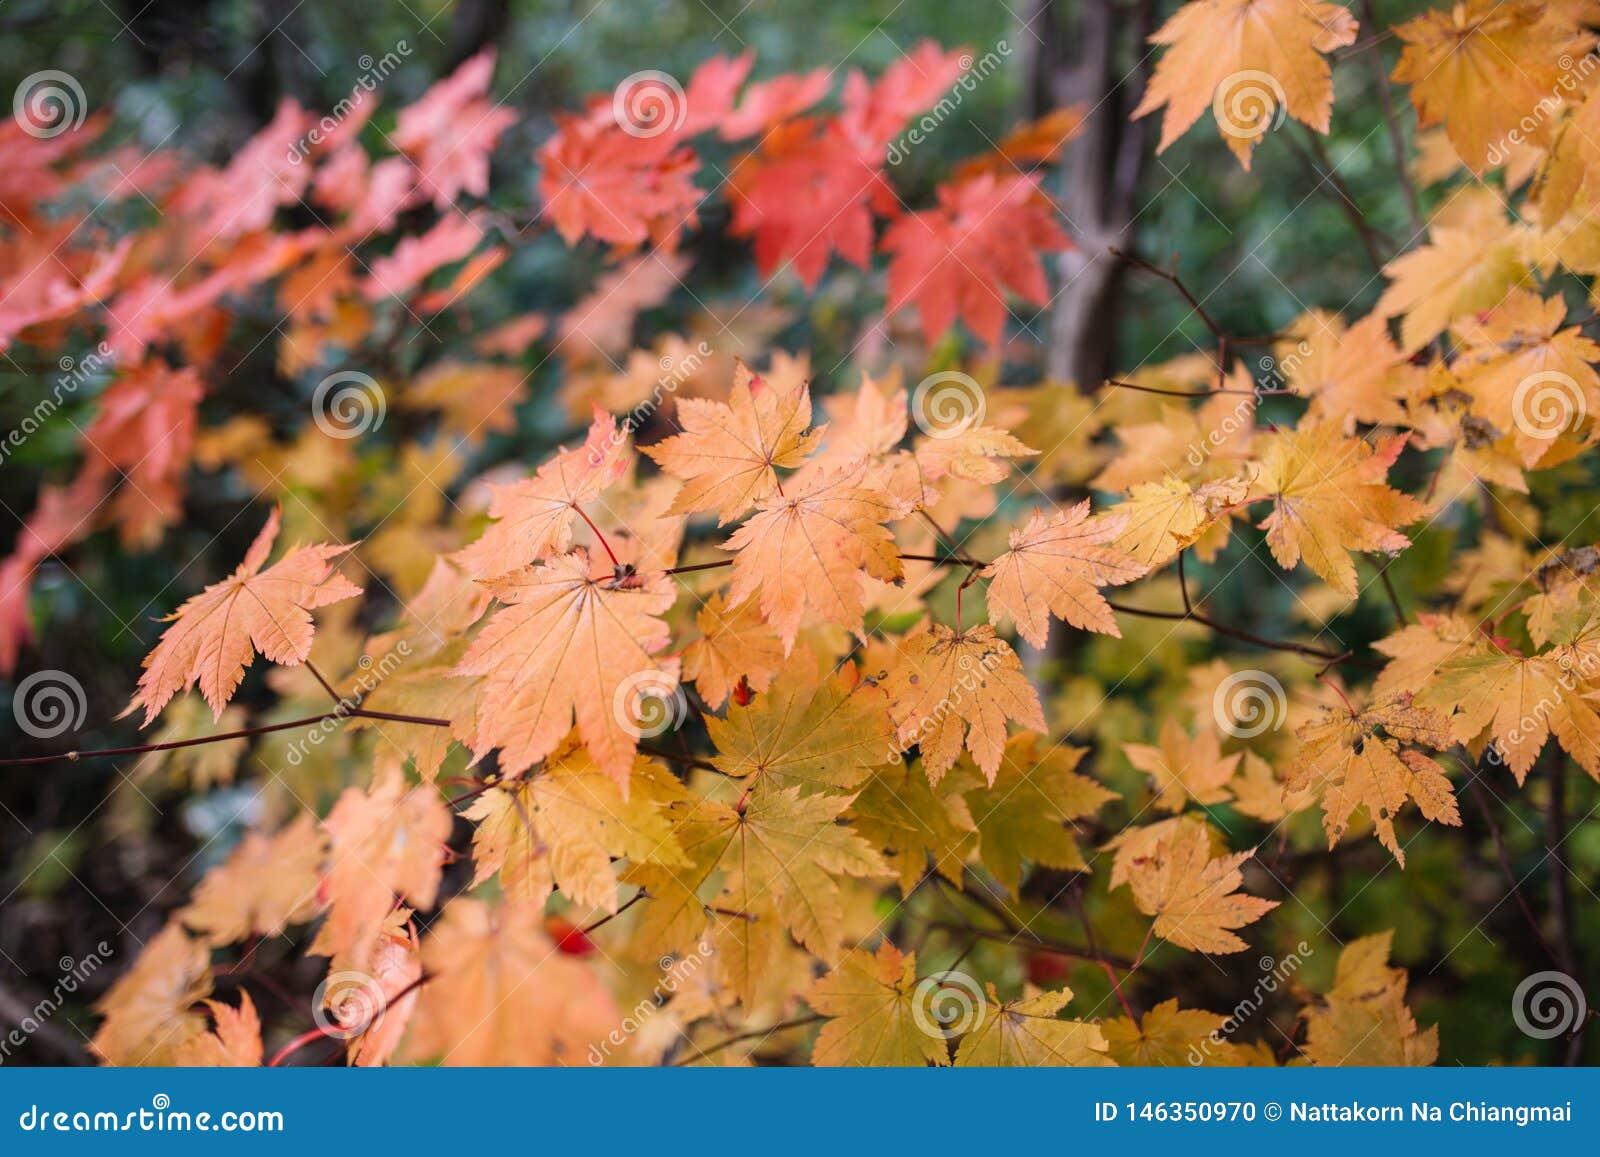 Colores de la estaci?n del oto?o, amarillos y rojos de hojas de arce japonesas